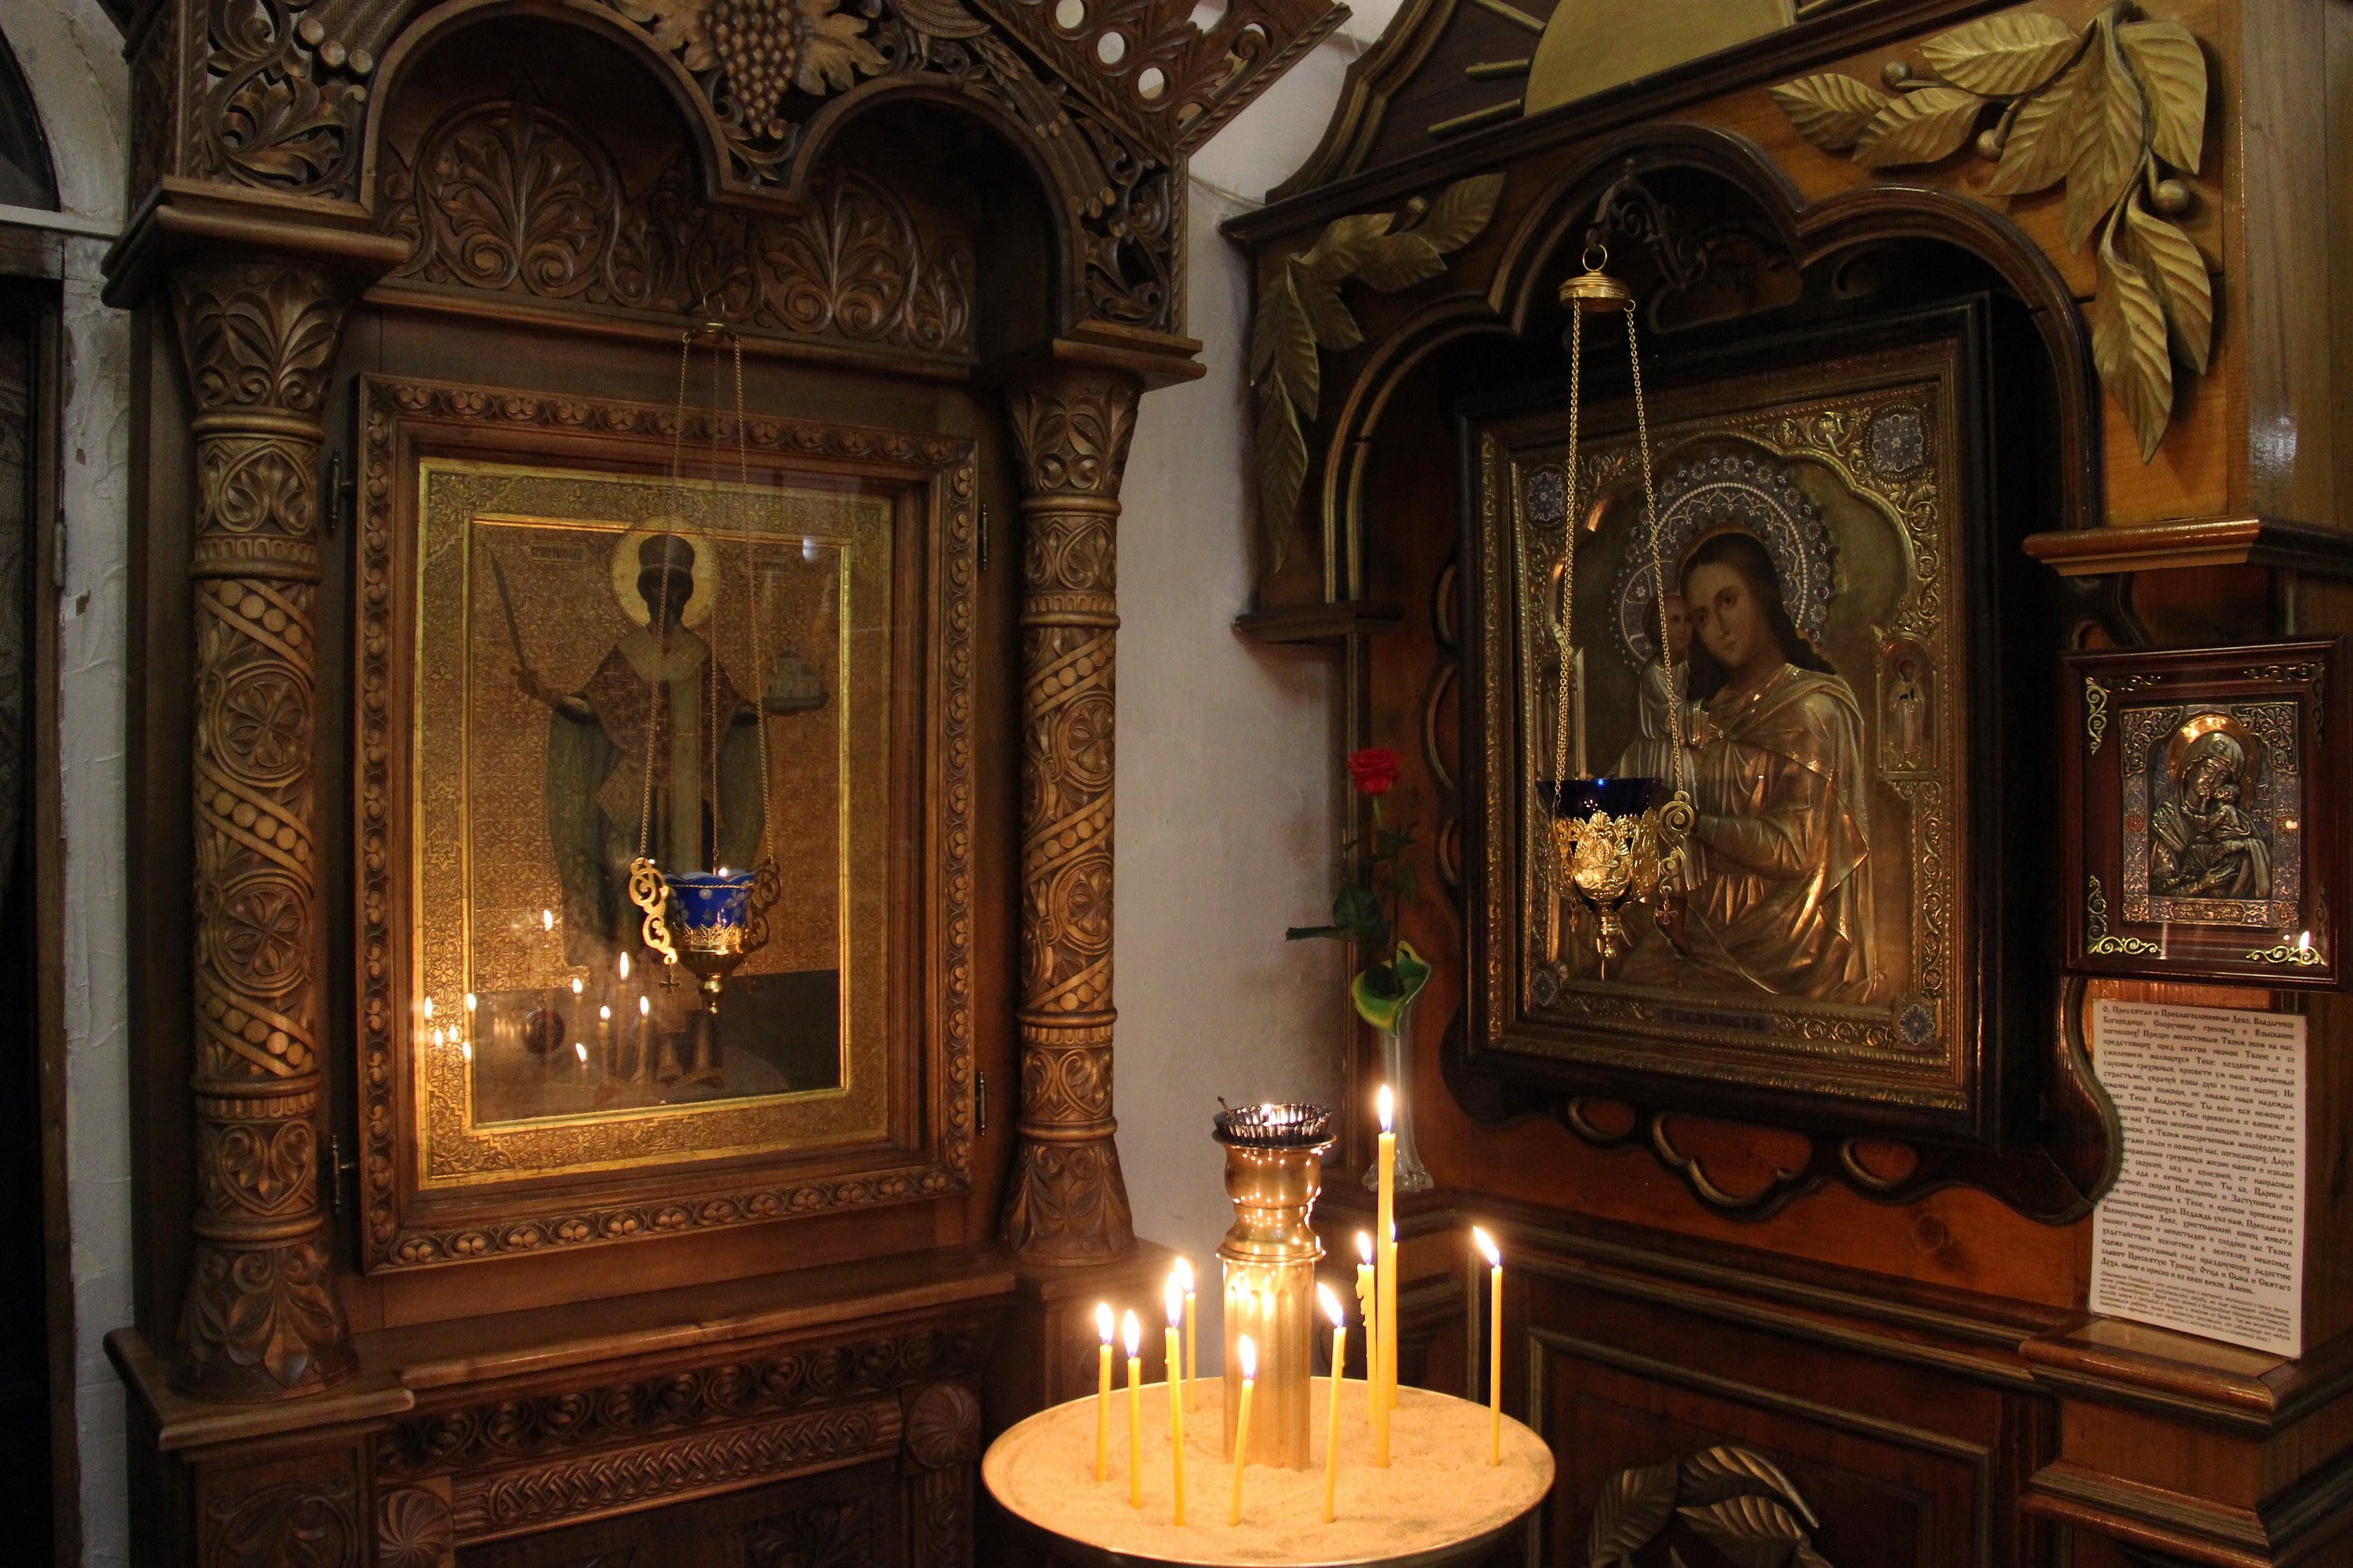 http://monuspen.ru/photoreports/cfb6a29ae0d6f6a8689fb40423a26bd3.JPG